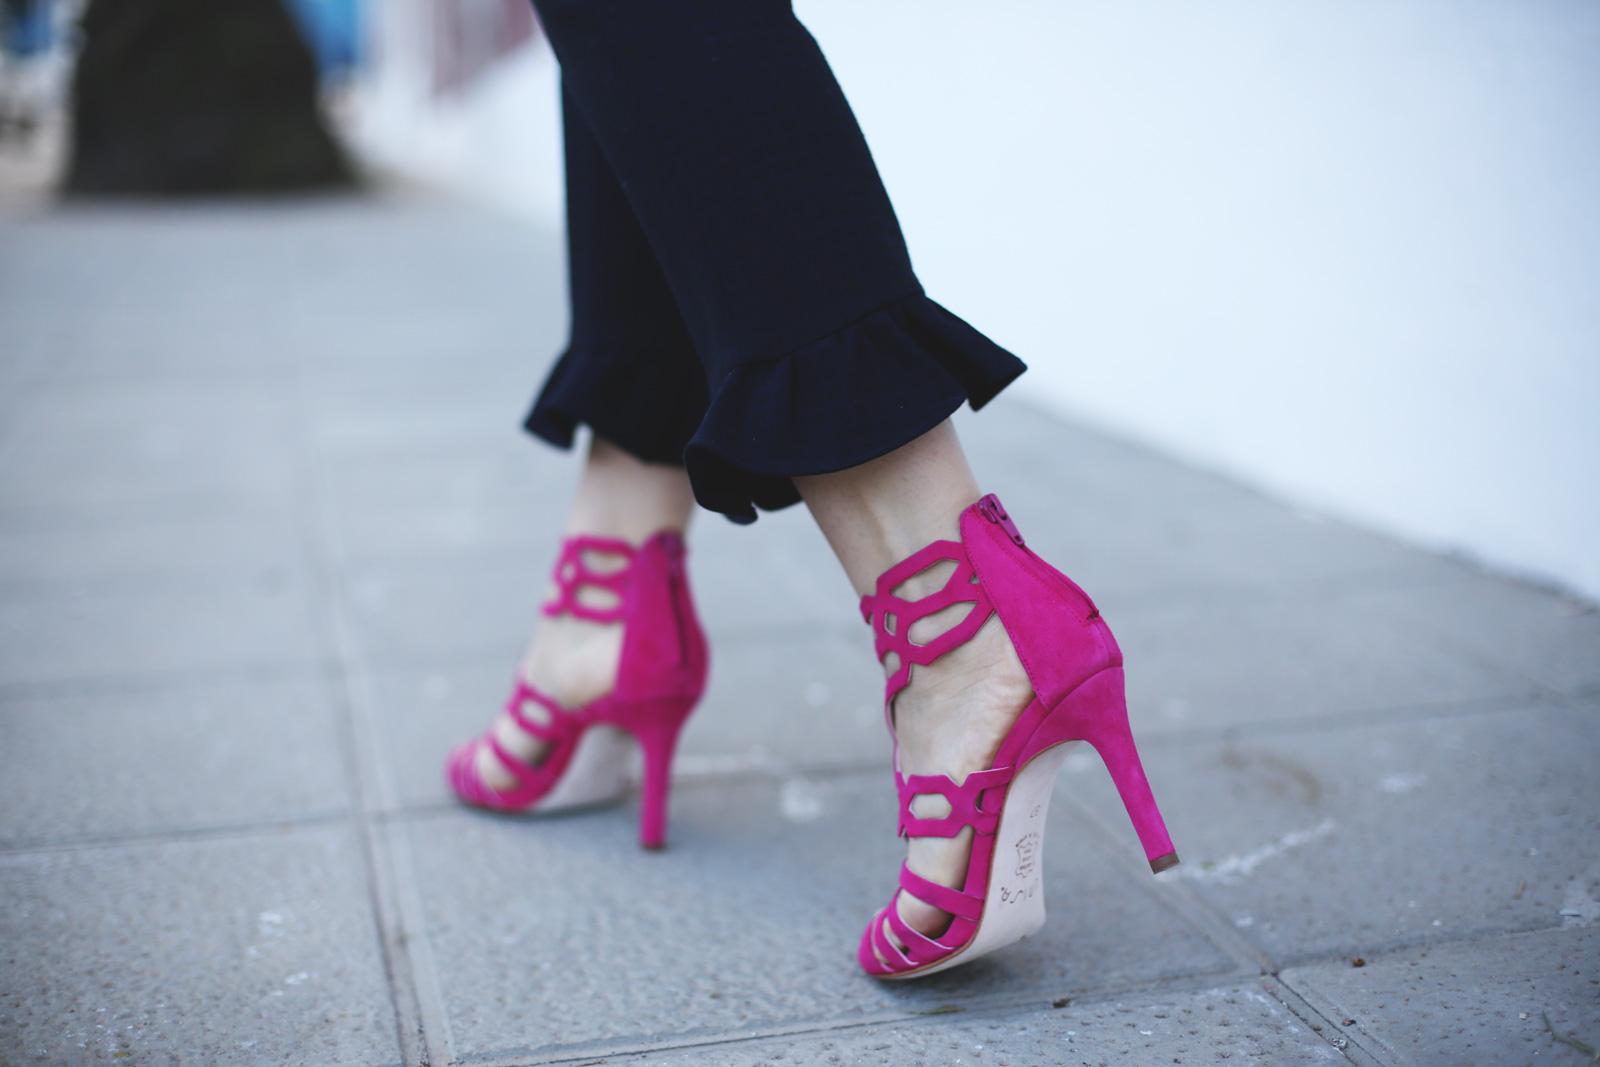 Sandalias moda fucsia de Unisa